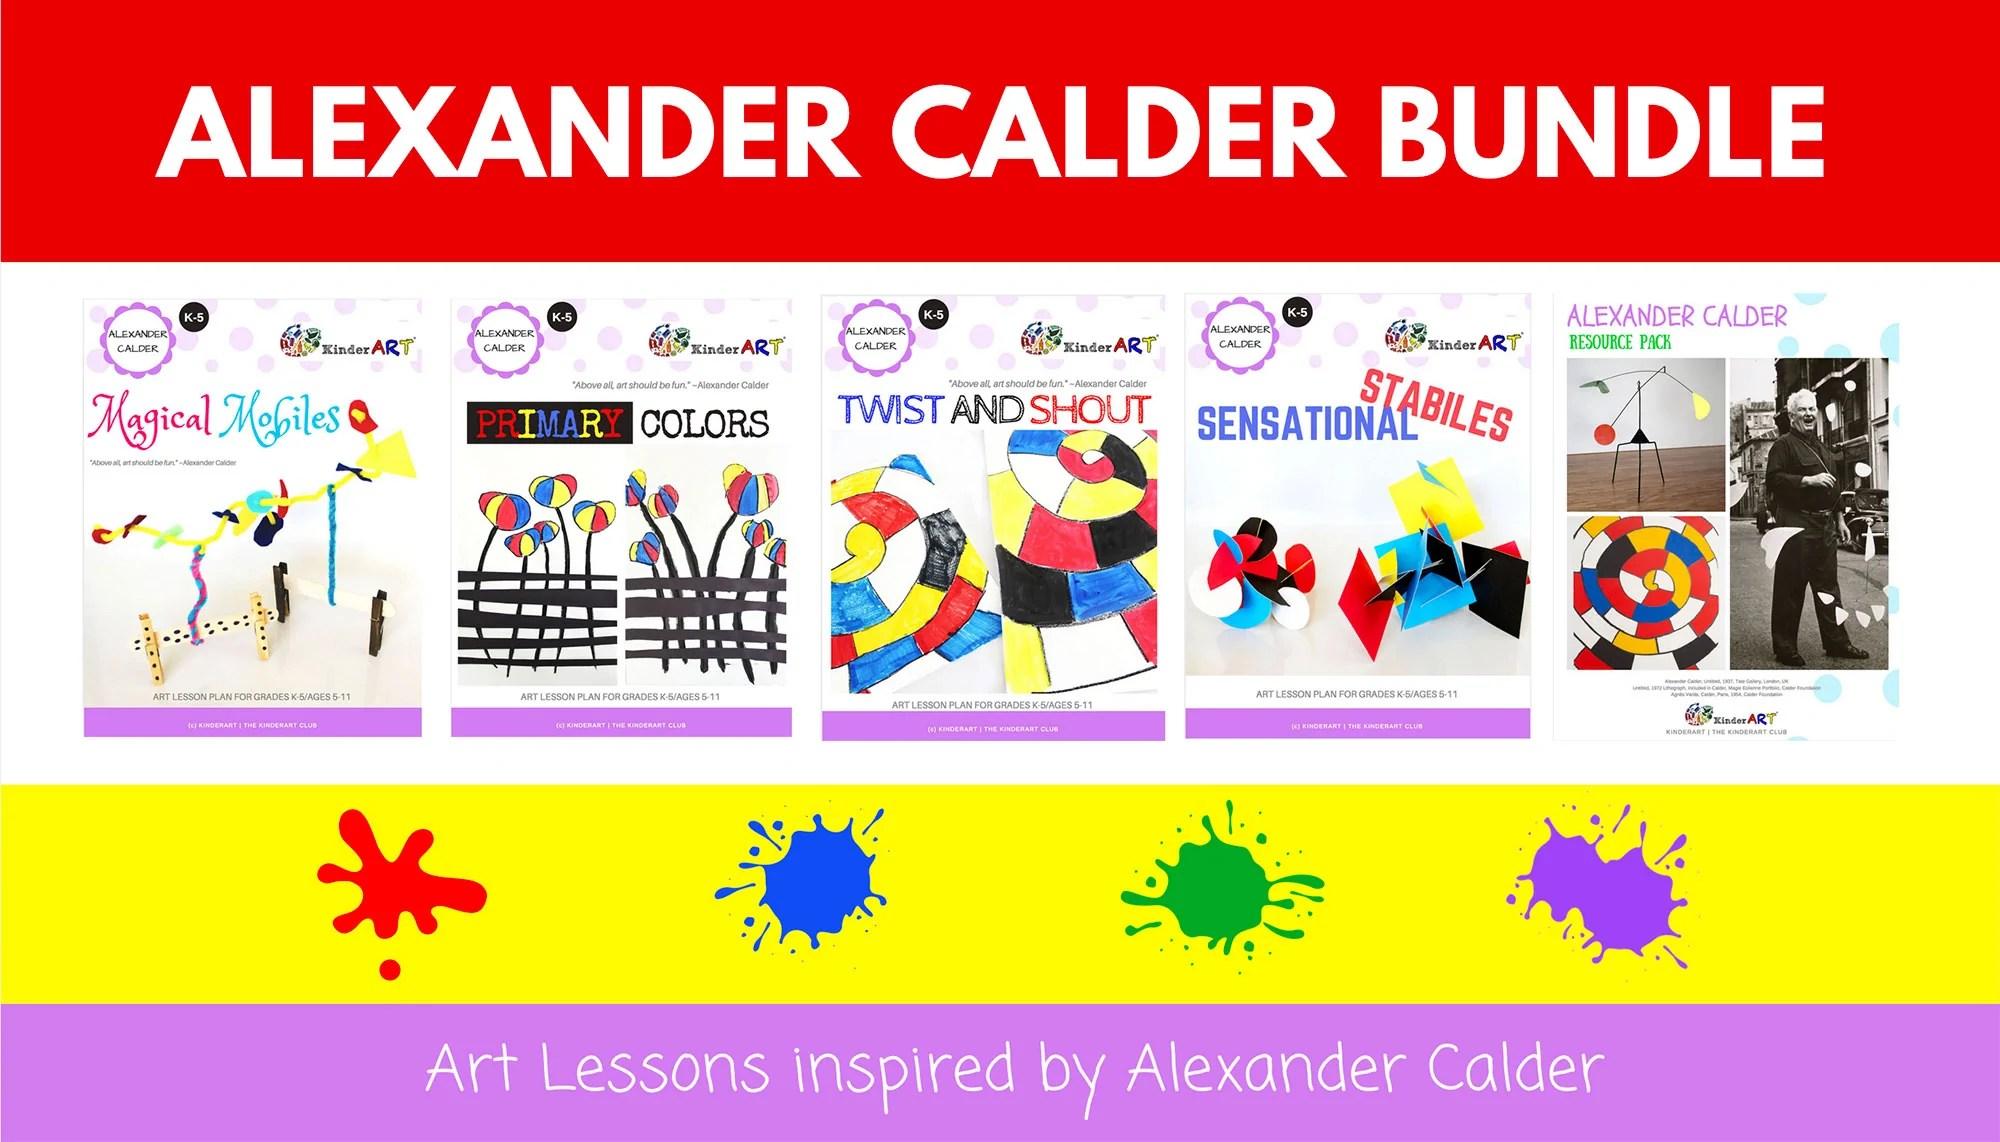 Alexander Calder Pack